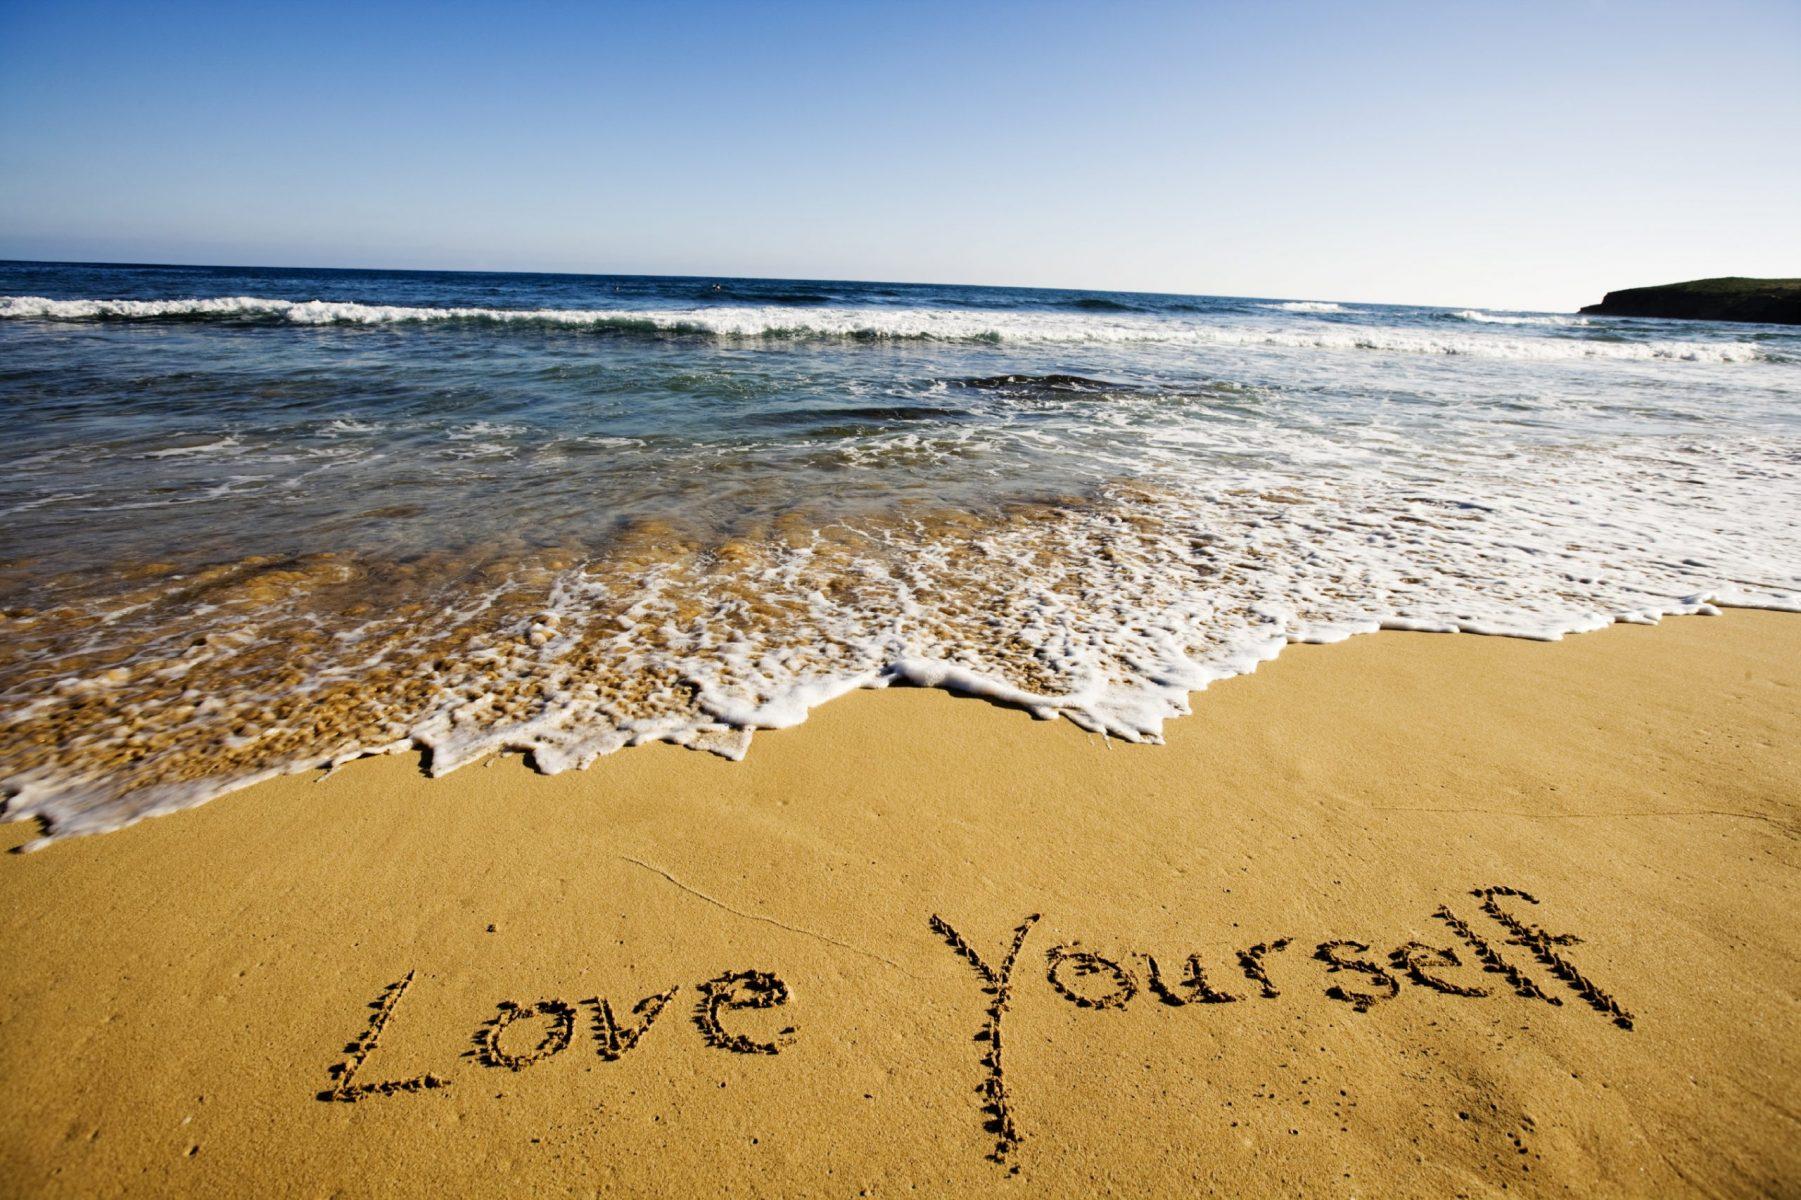 Χωρισμός- Αυτοπεποίθηση: Πώς να βελτιώσεις την αυτοεκτίμηση σου